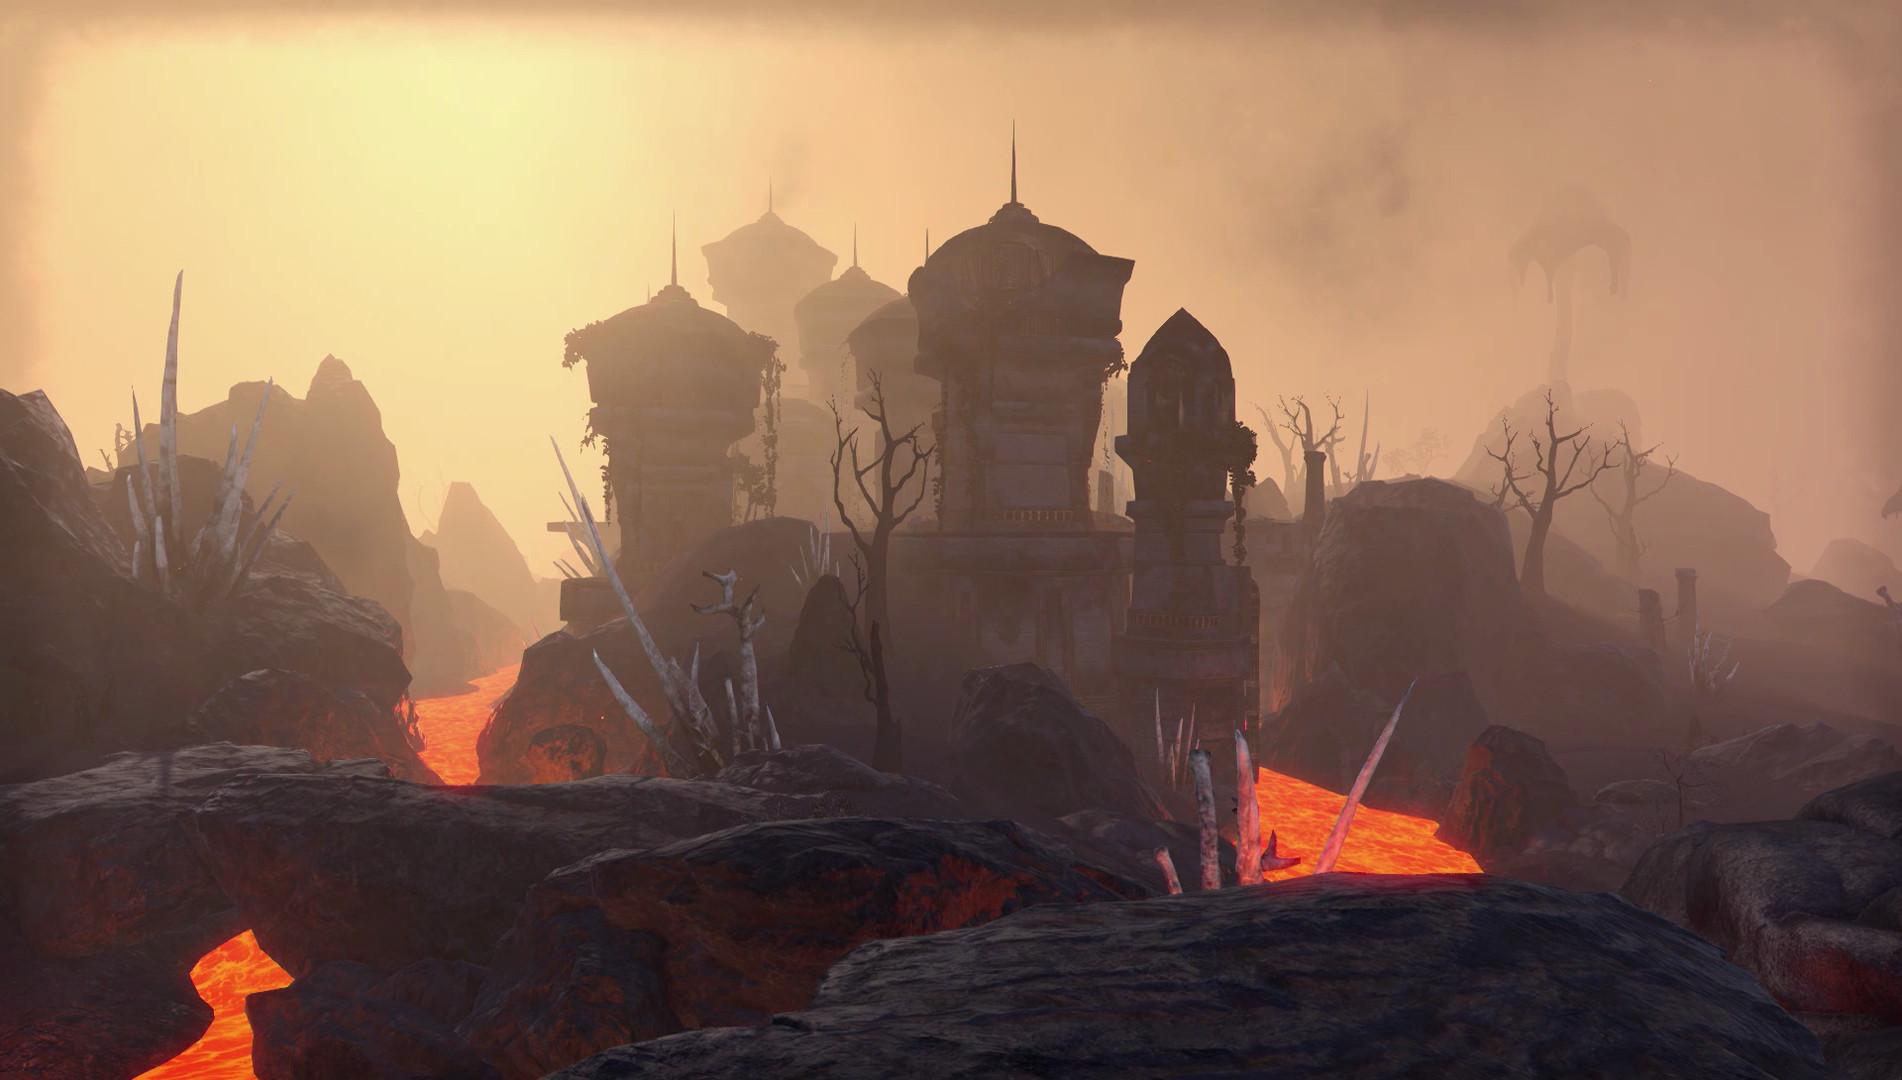 The Elder Scrolls Online - Morrowind - Zwergenfestung am Lavastrom